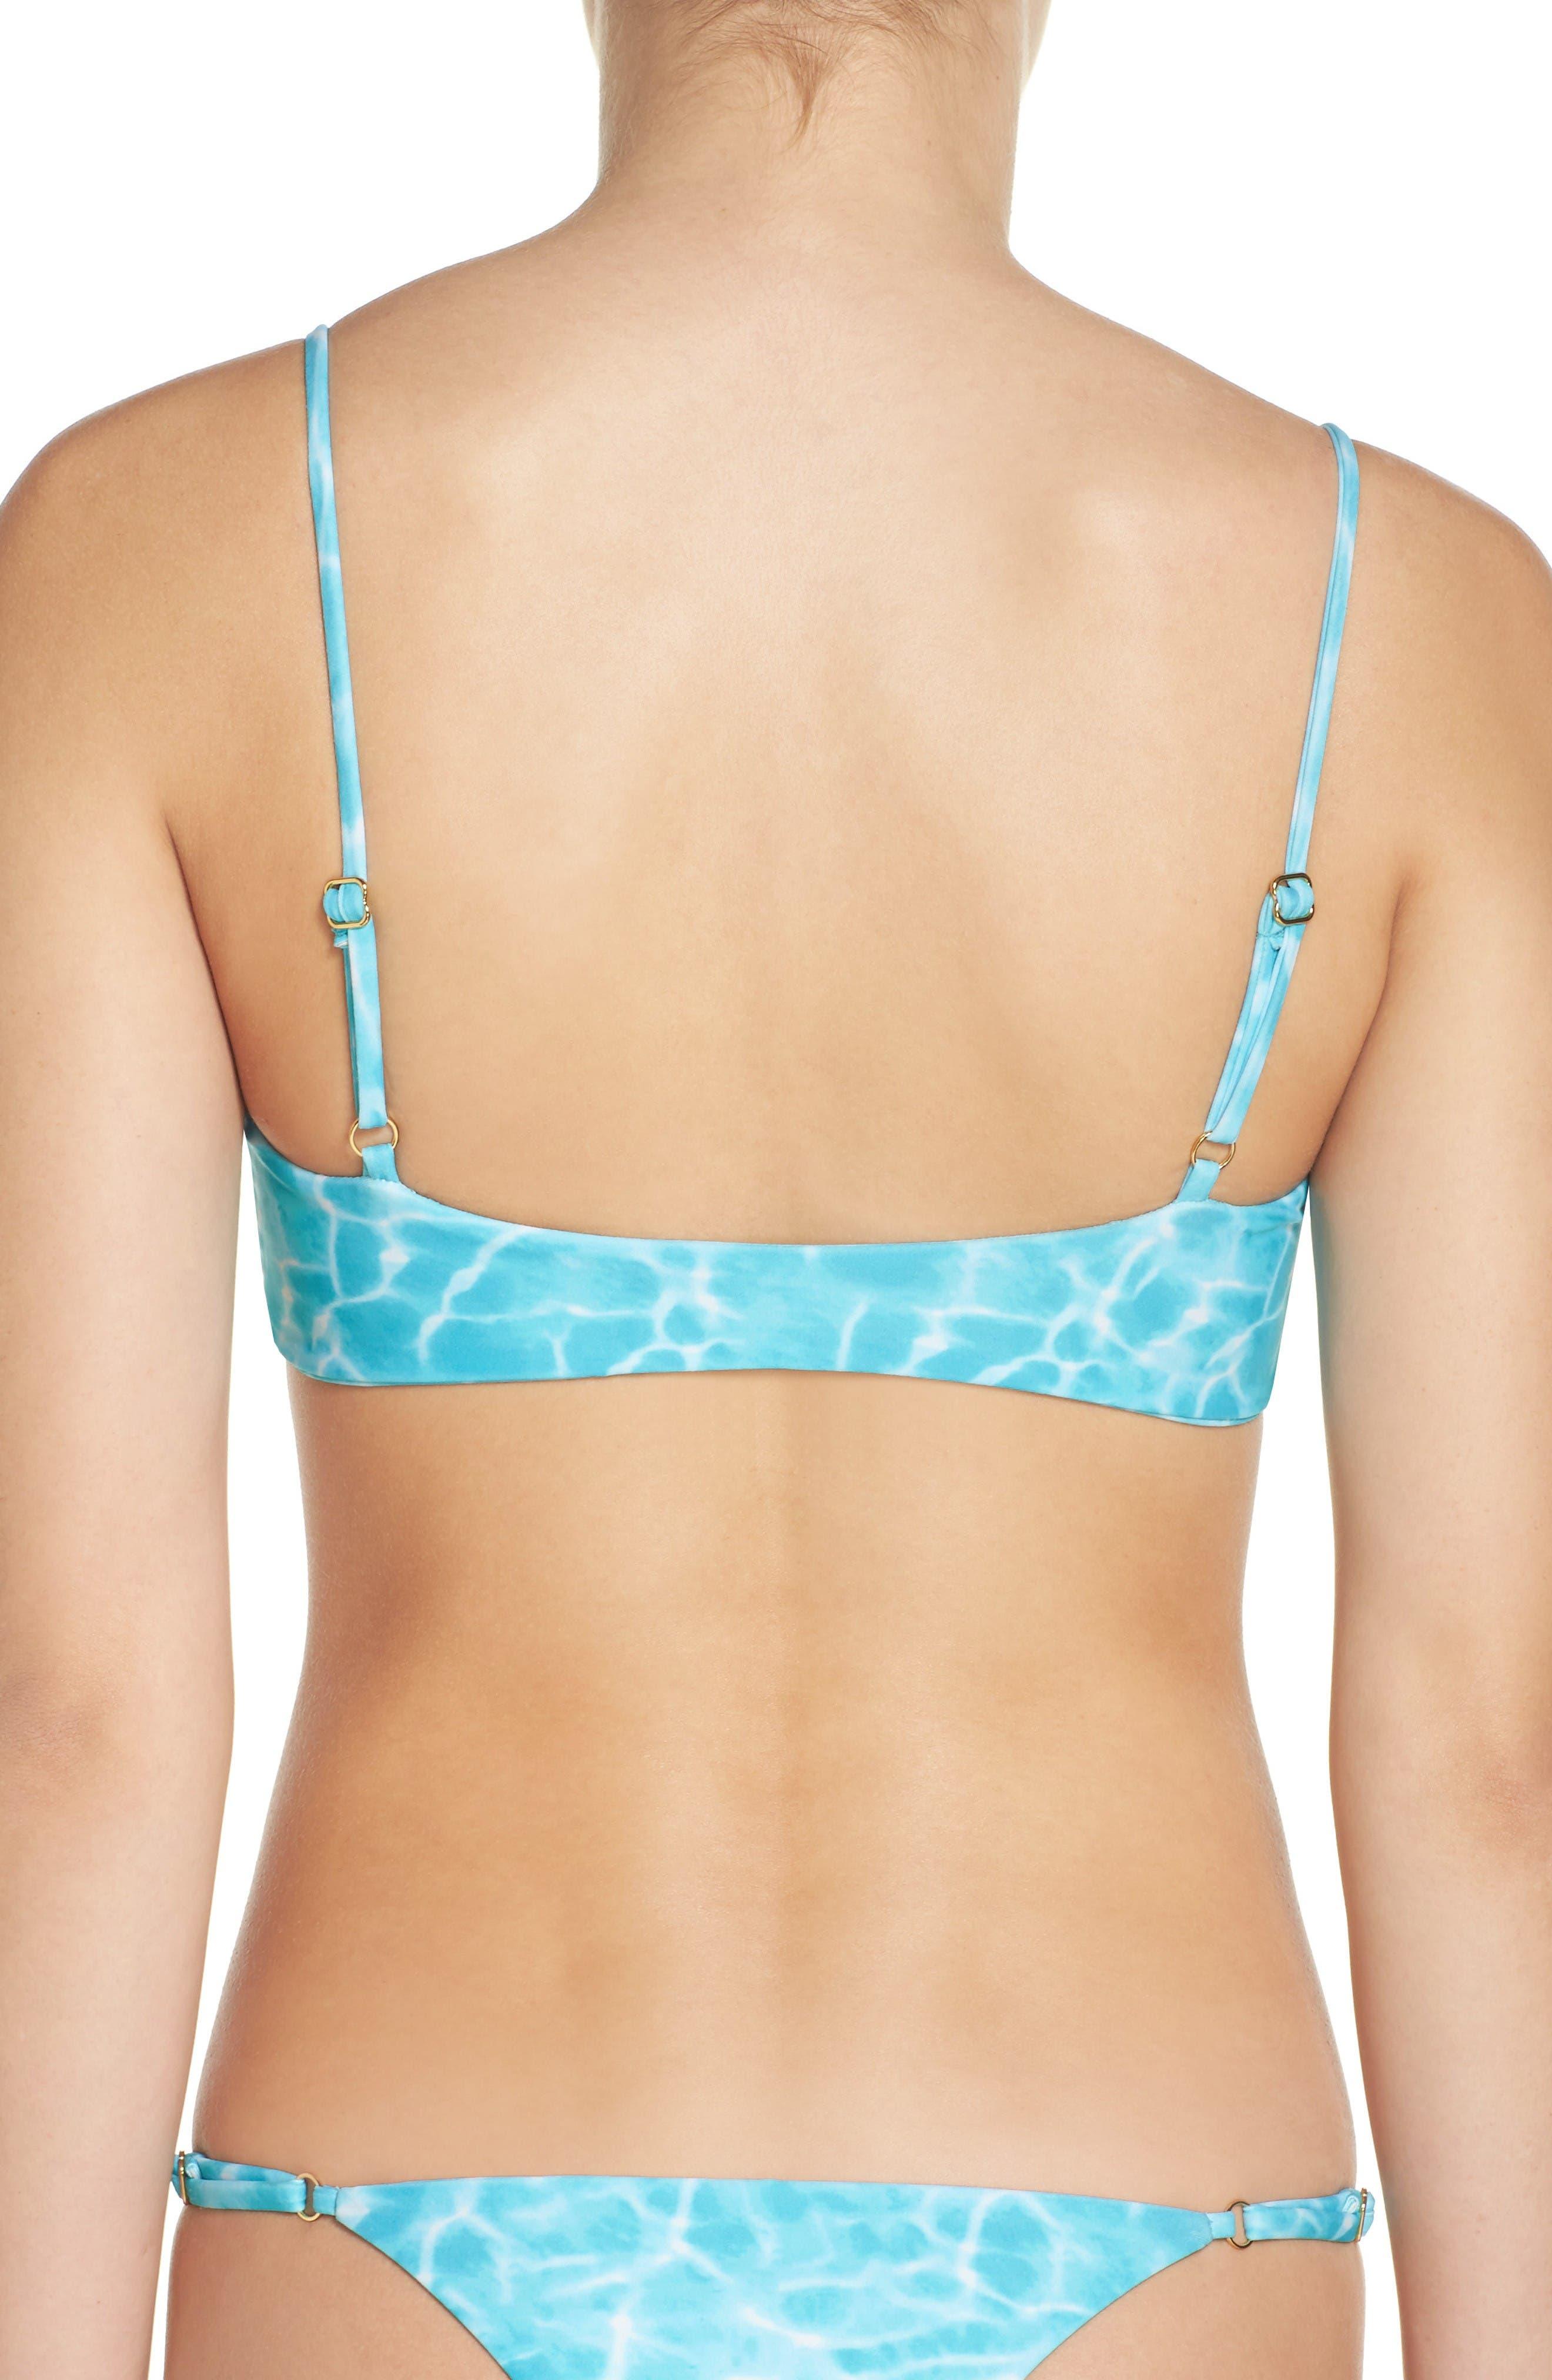 Alternate Image 2  - Issa de' mar Tiare Bikini Top